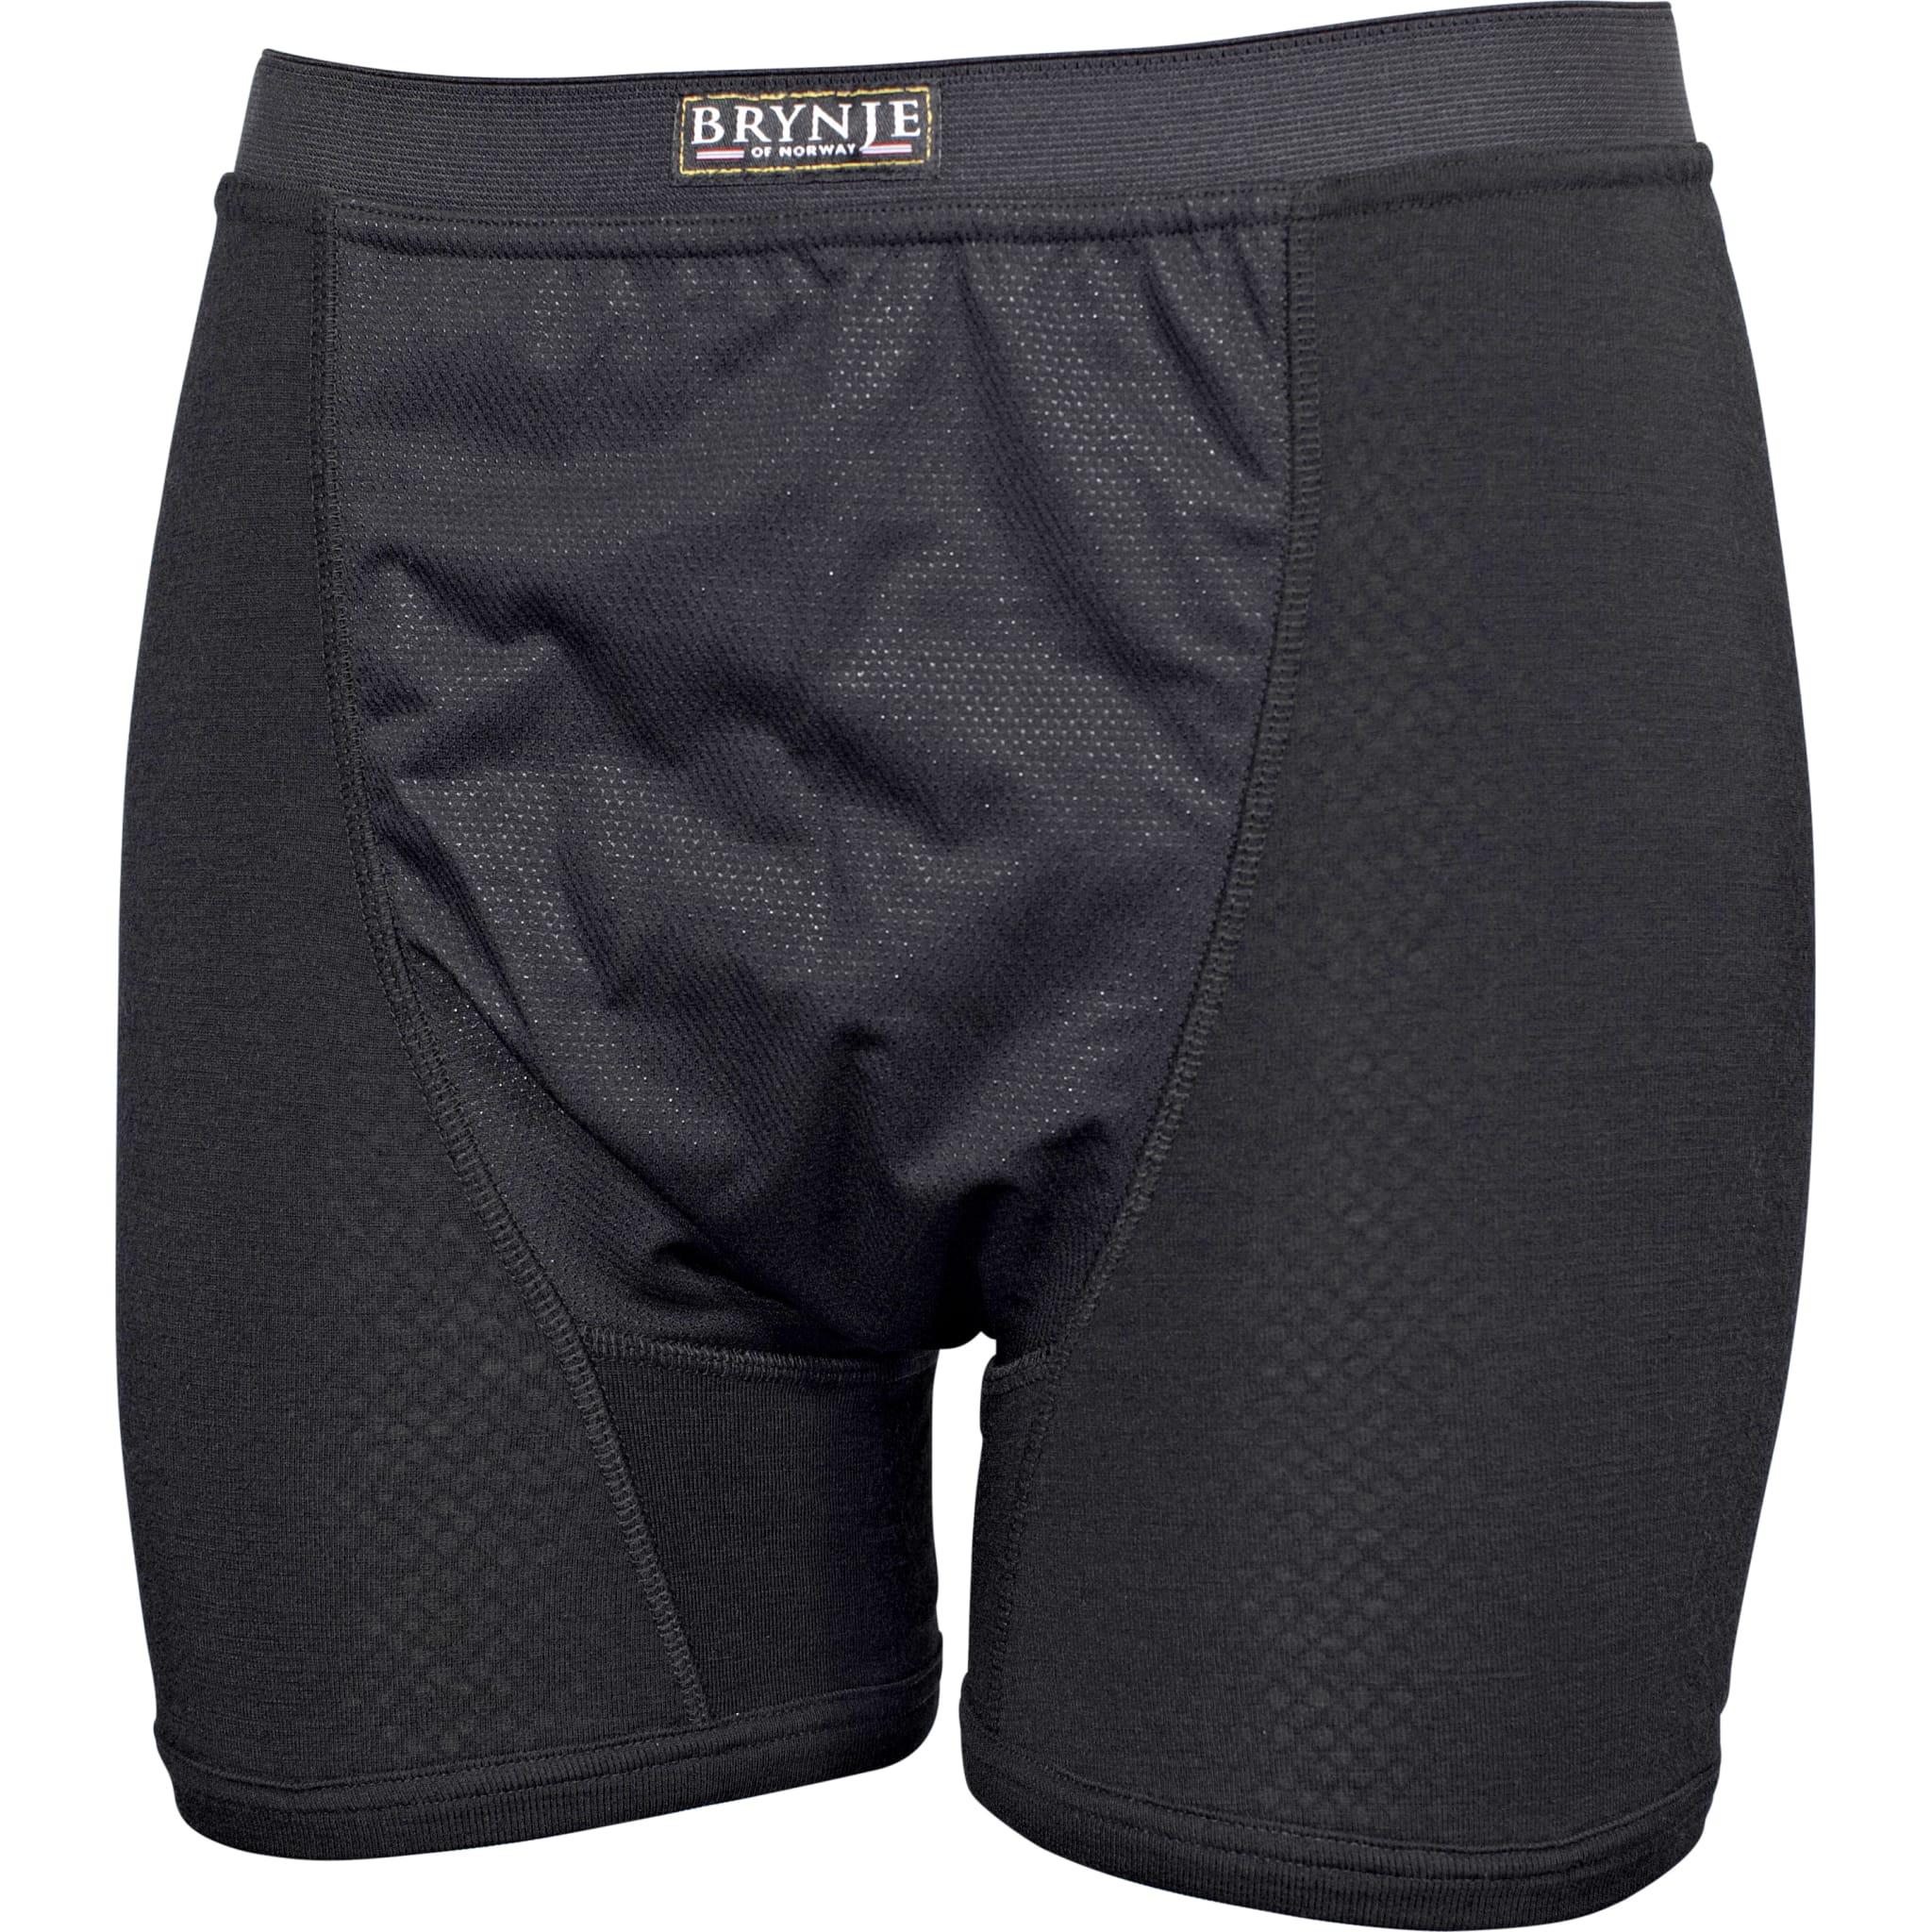 Boxer-shorts med elastisk vindstopper i front.